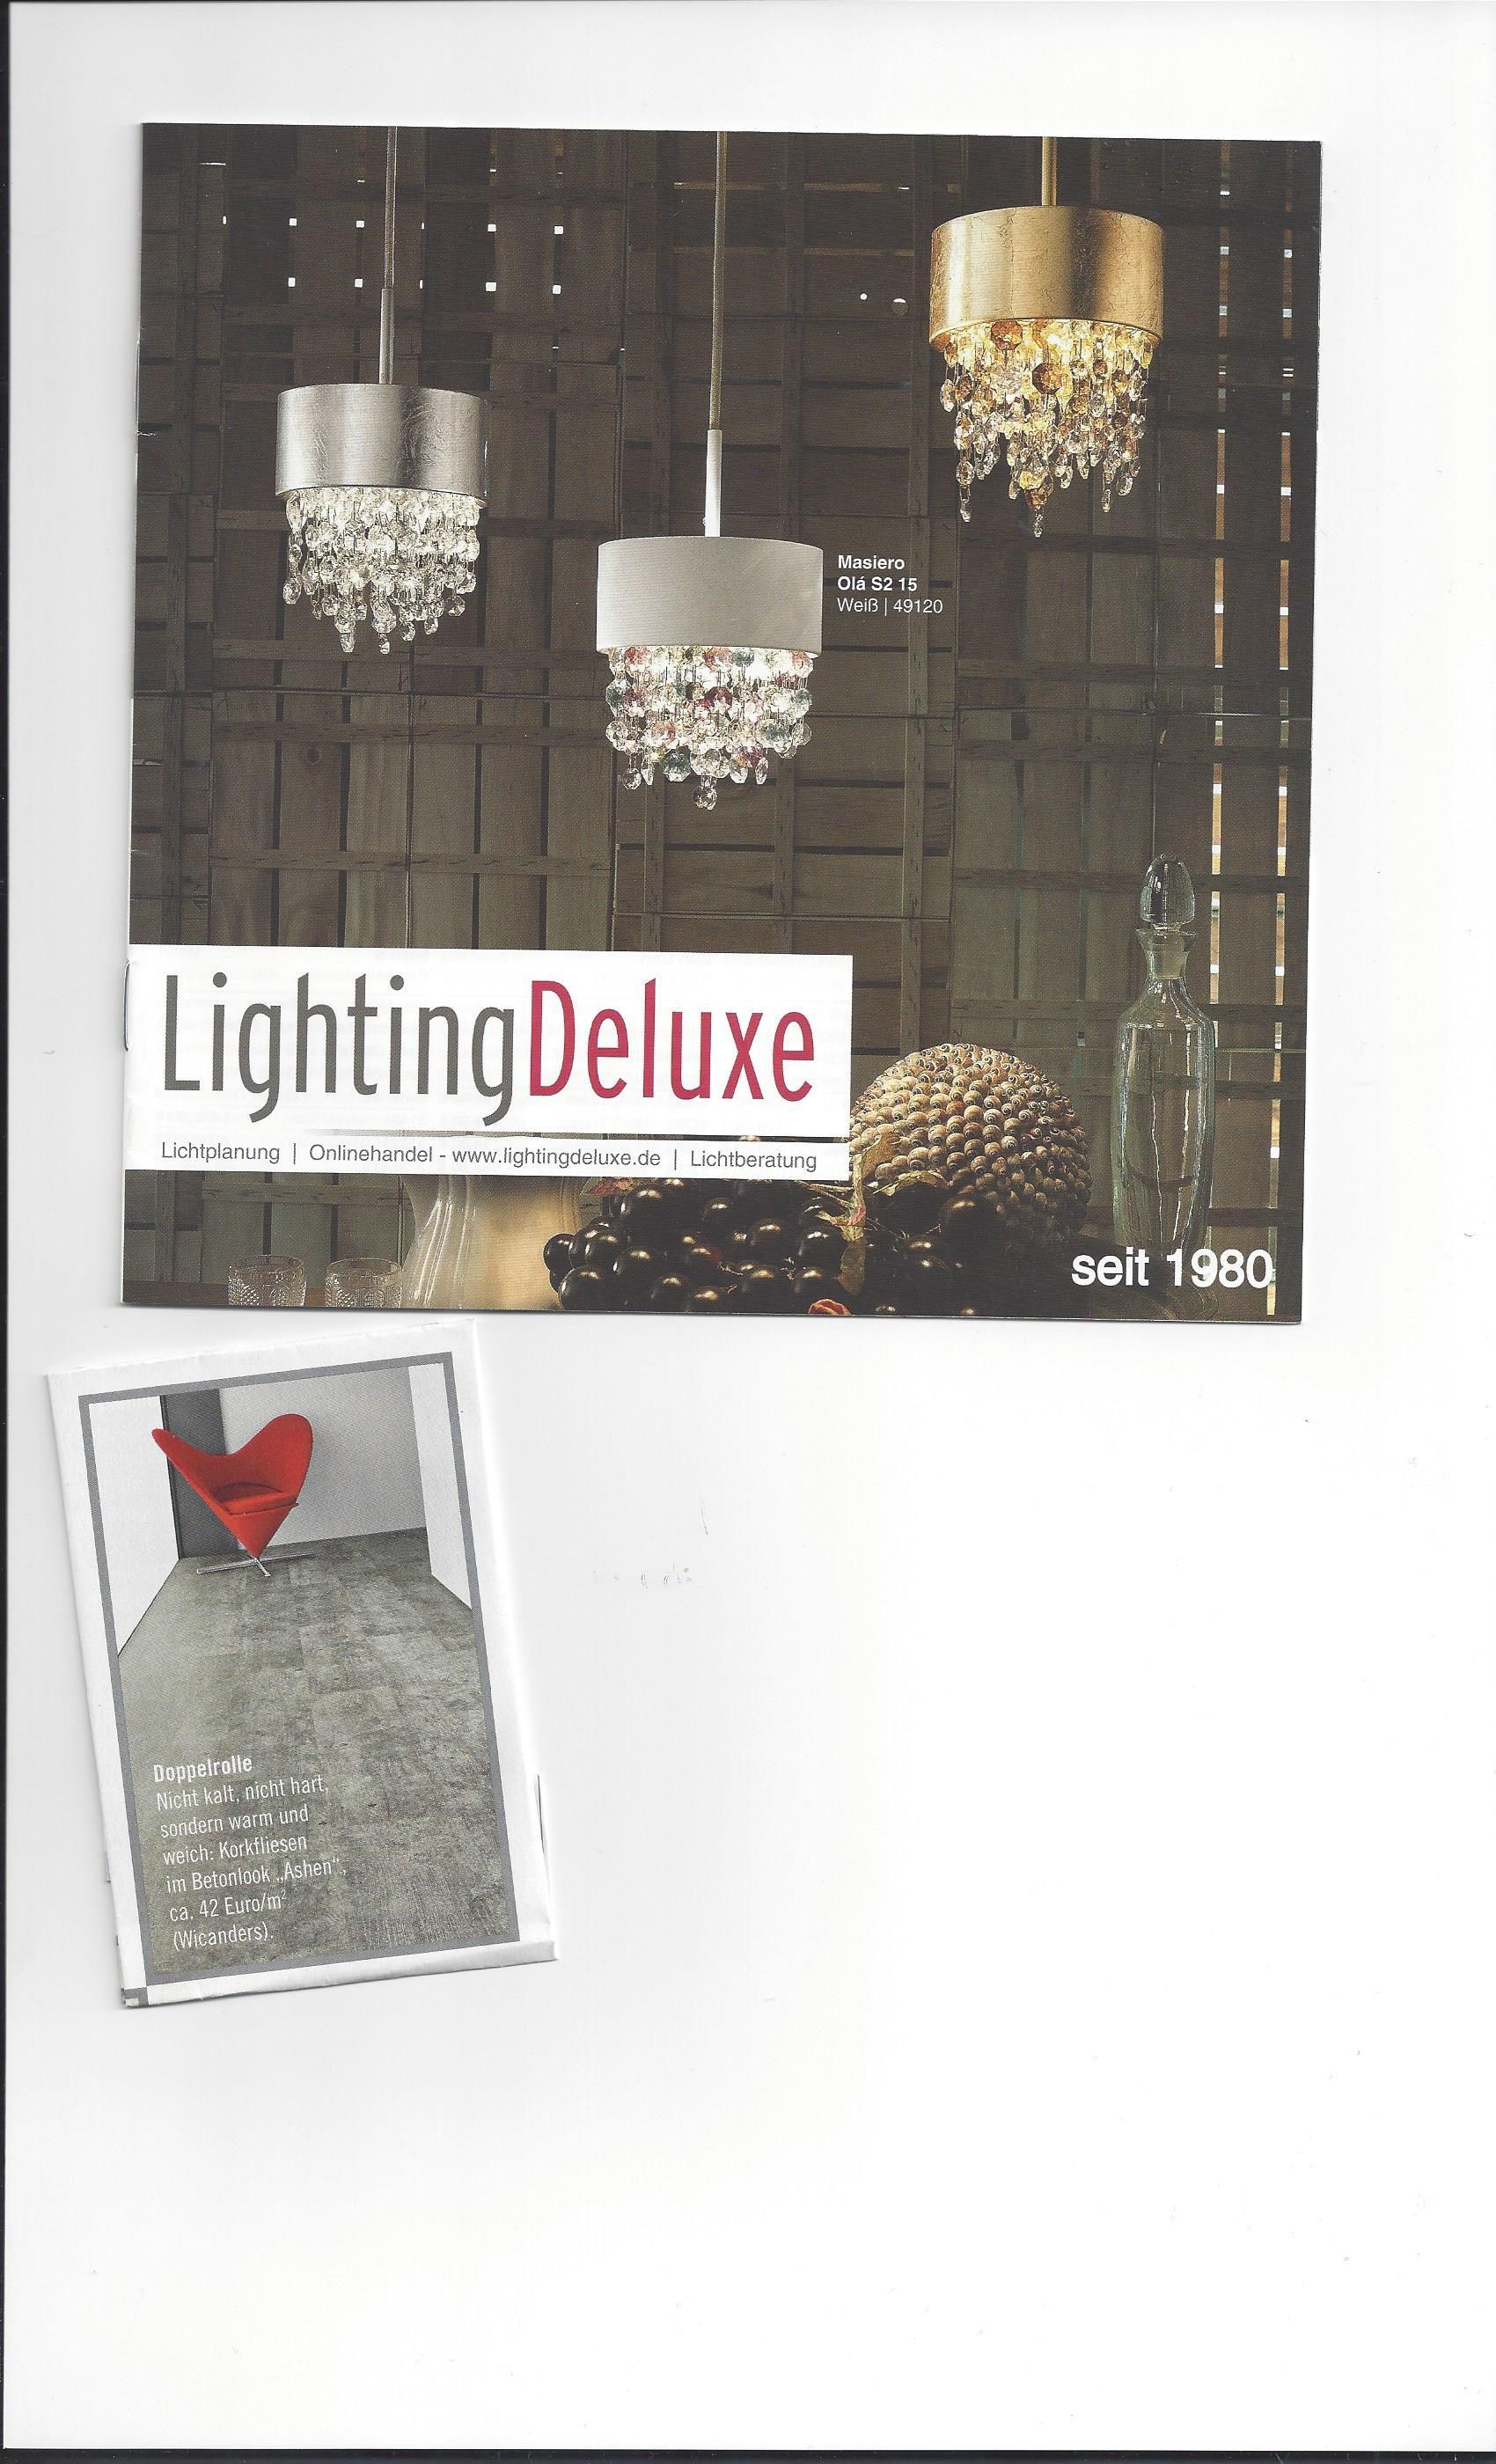 die besten 25 korkfliesen ideen auf pinterest bilderrahmen ornamente bilderrahmen selber. Black Bedroom Furniture Sets. Home Design Ideas